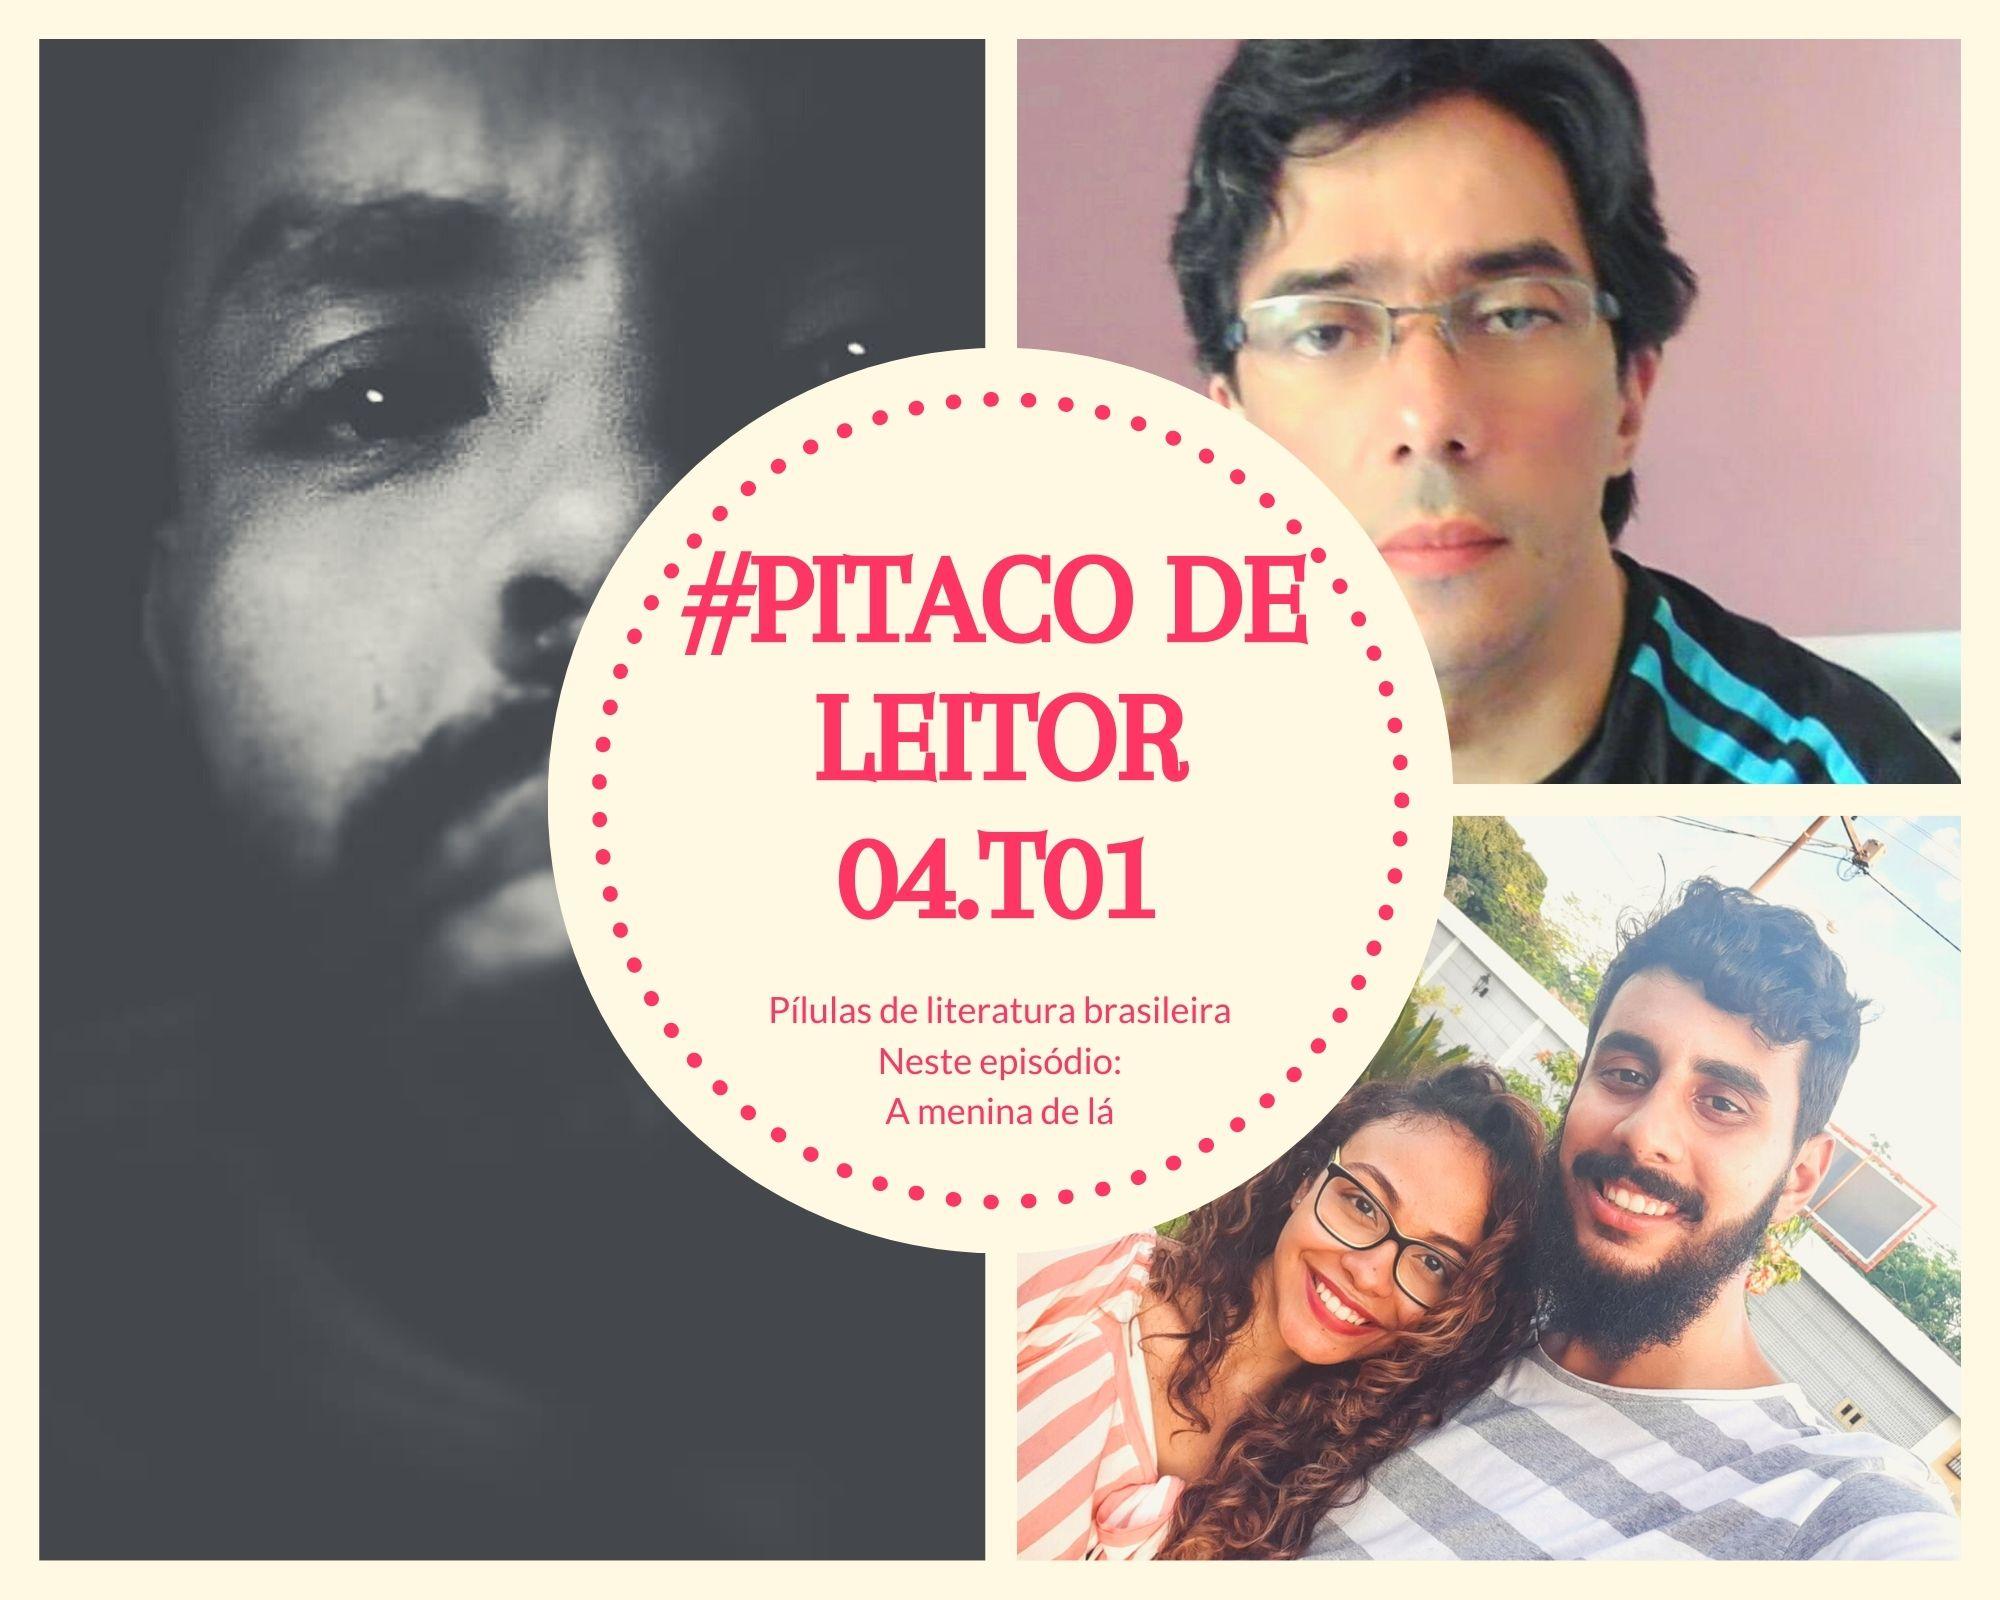 Pitaco de Leitor Ep.04-T.01